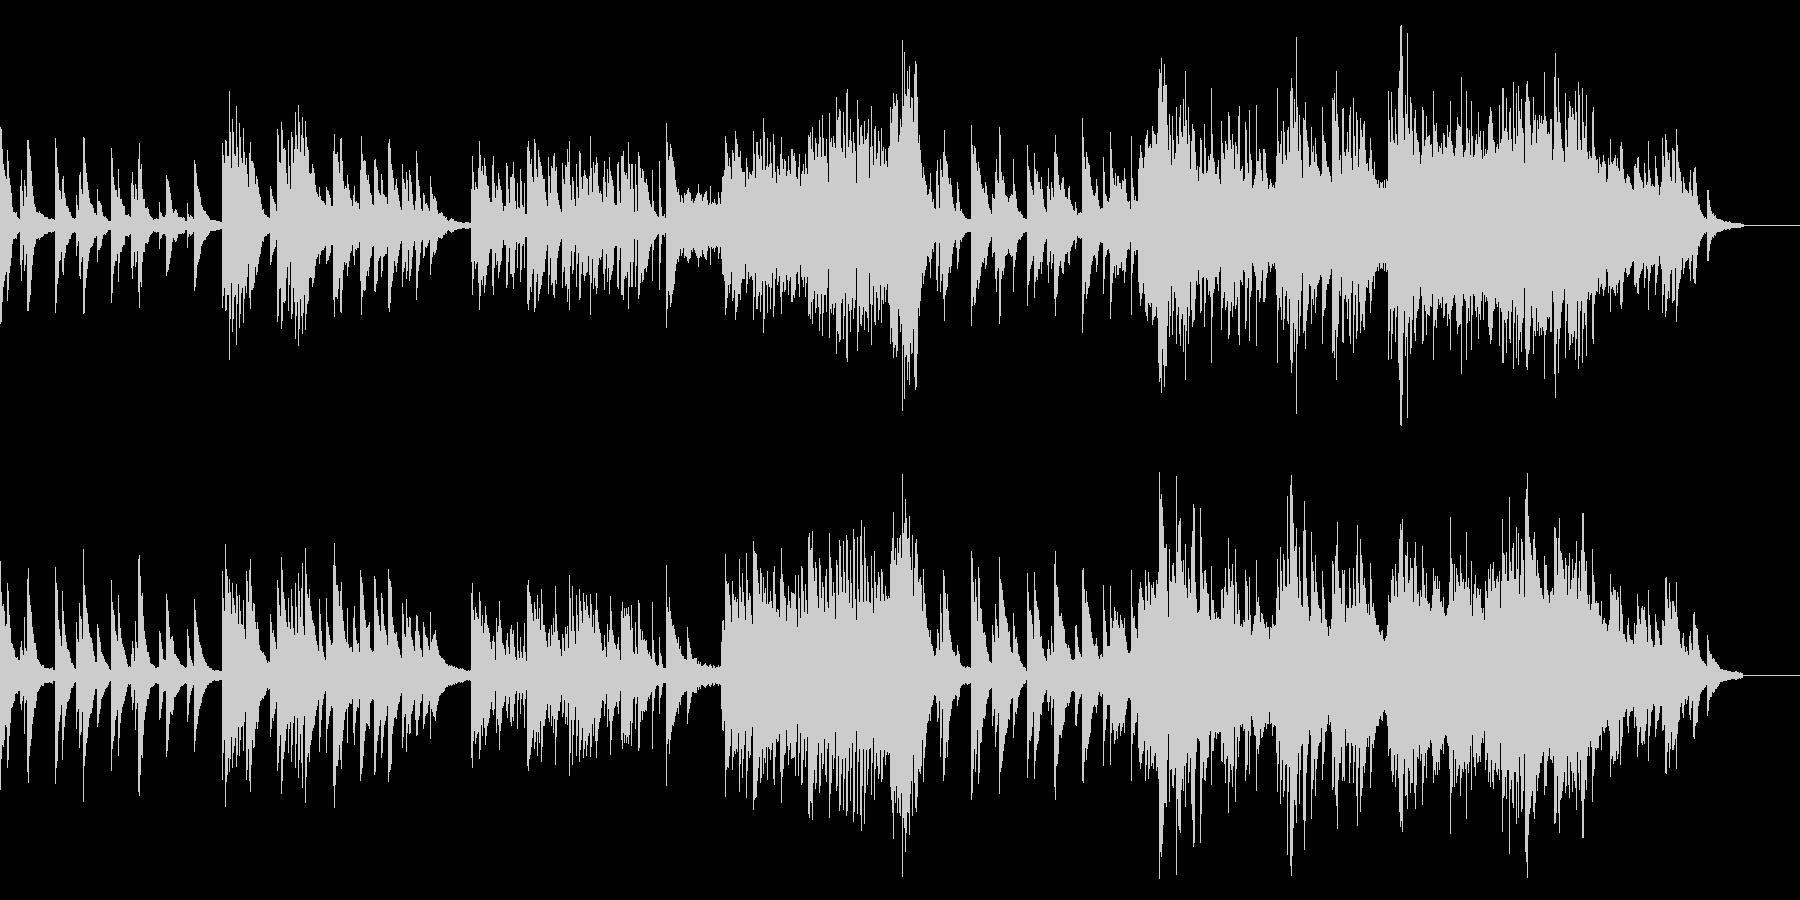 ピアノ・ストリングスが香るバラードの未再生の波形